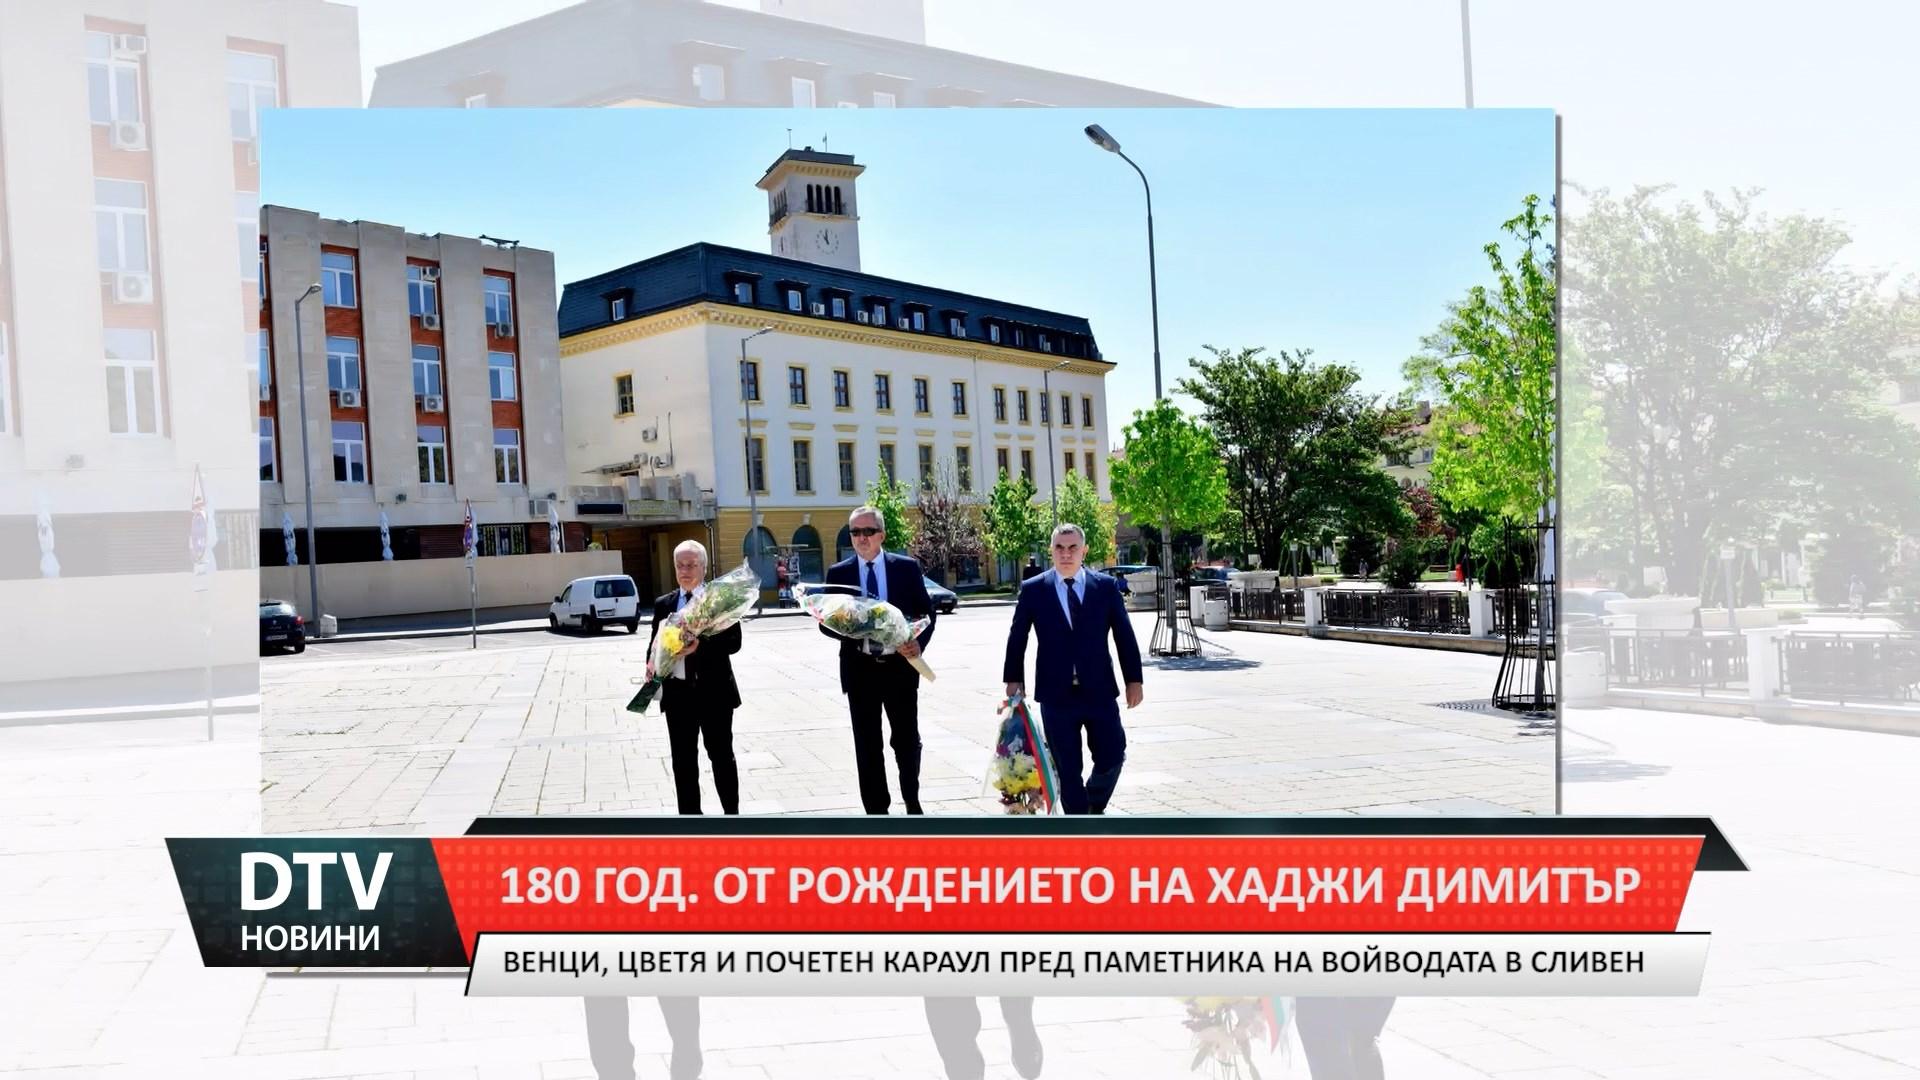 В Сливен отбелязаха  180 г.от рождението на Хаджи Димитър